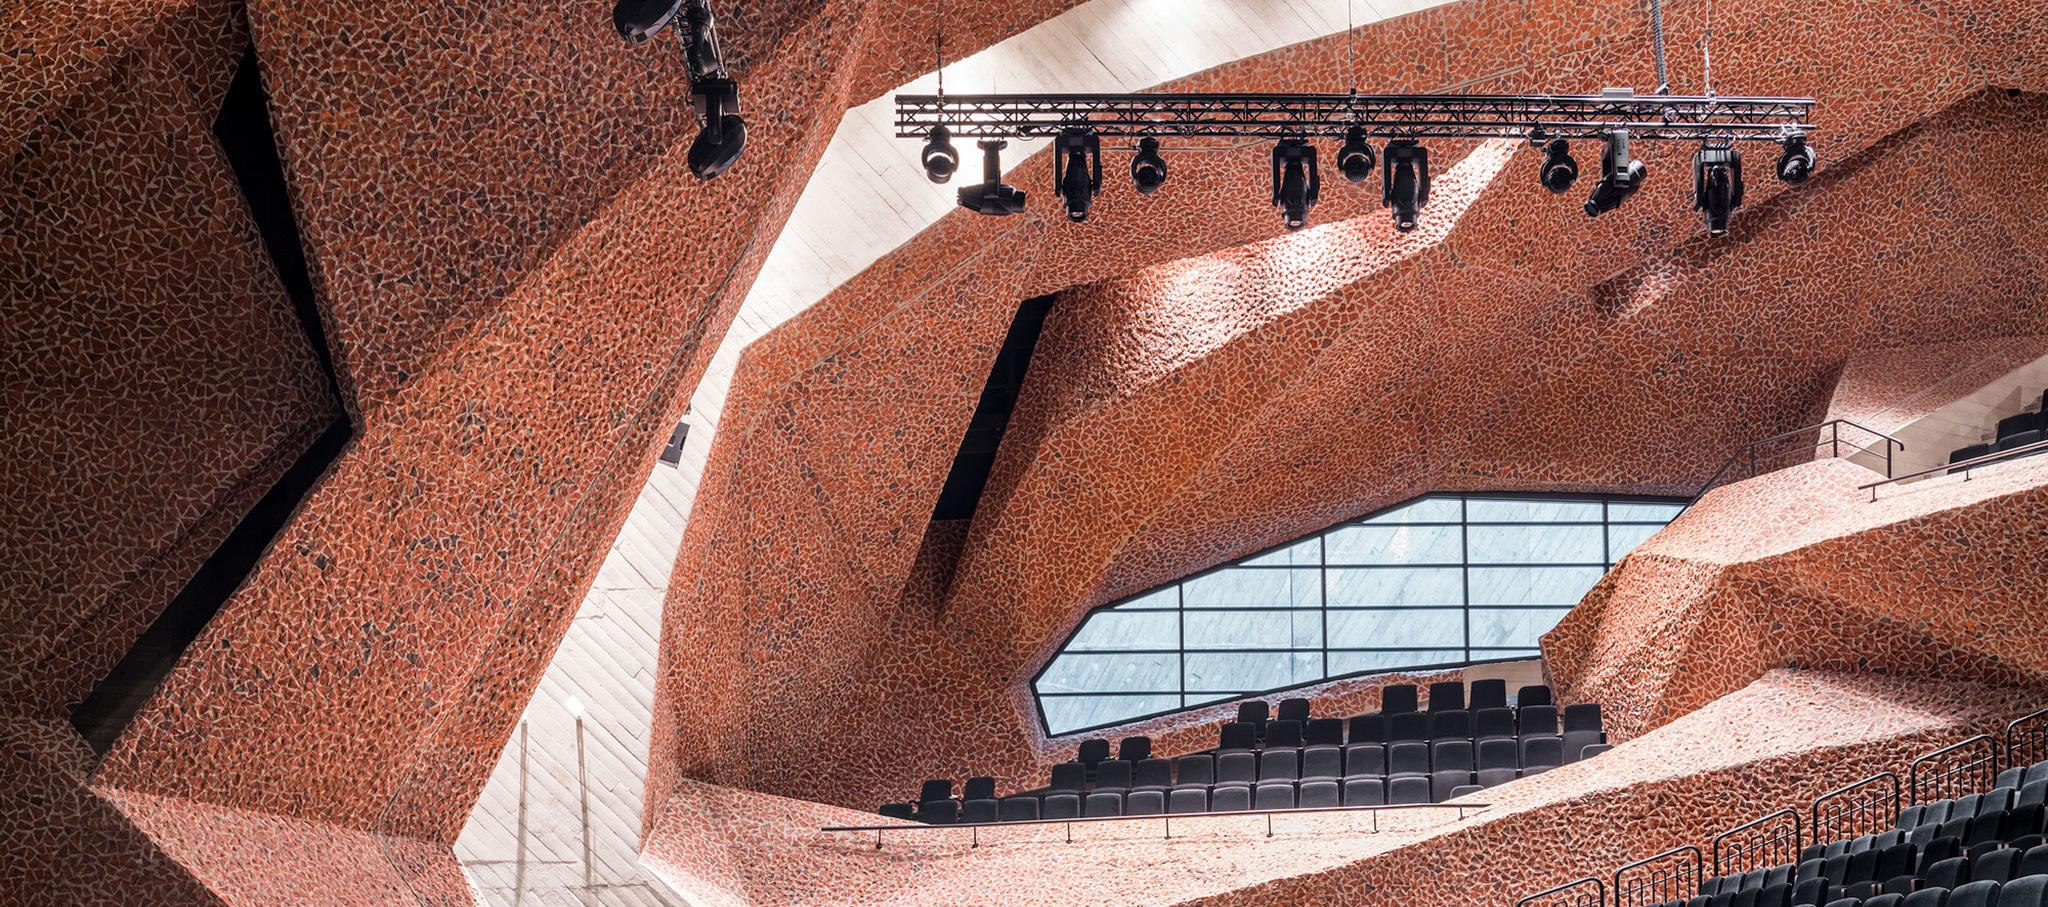 Centro de Cultura y Congresos, CKK Jordanki de Fernando Menis. Fotografía por Jakub Certowicz